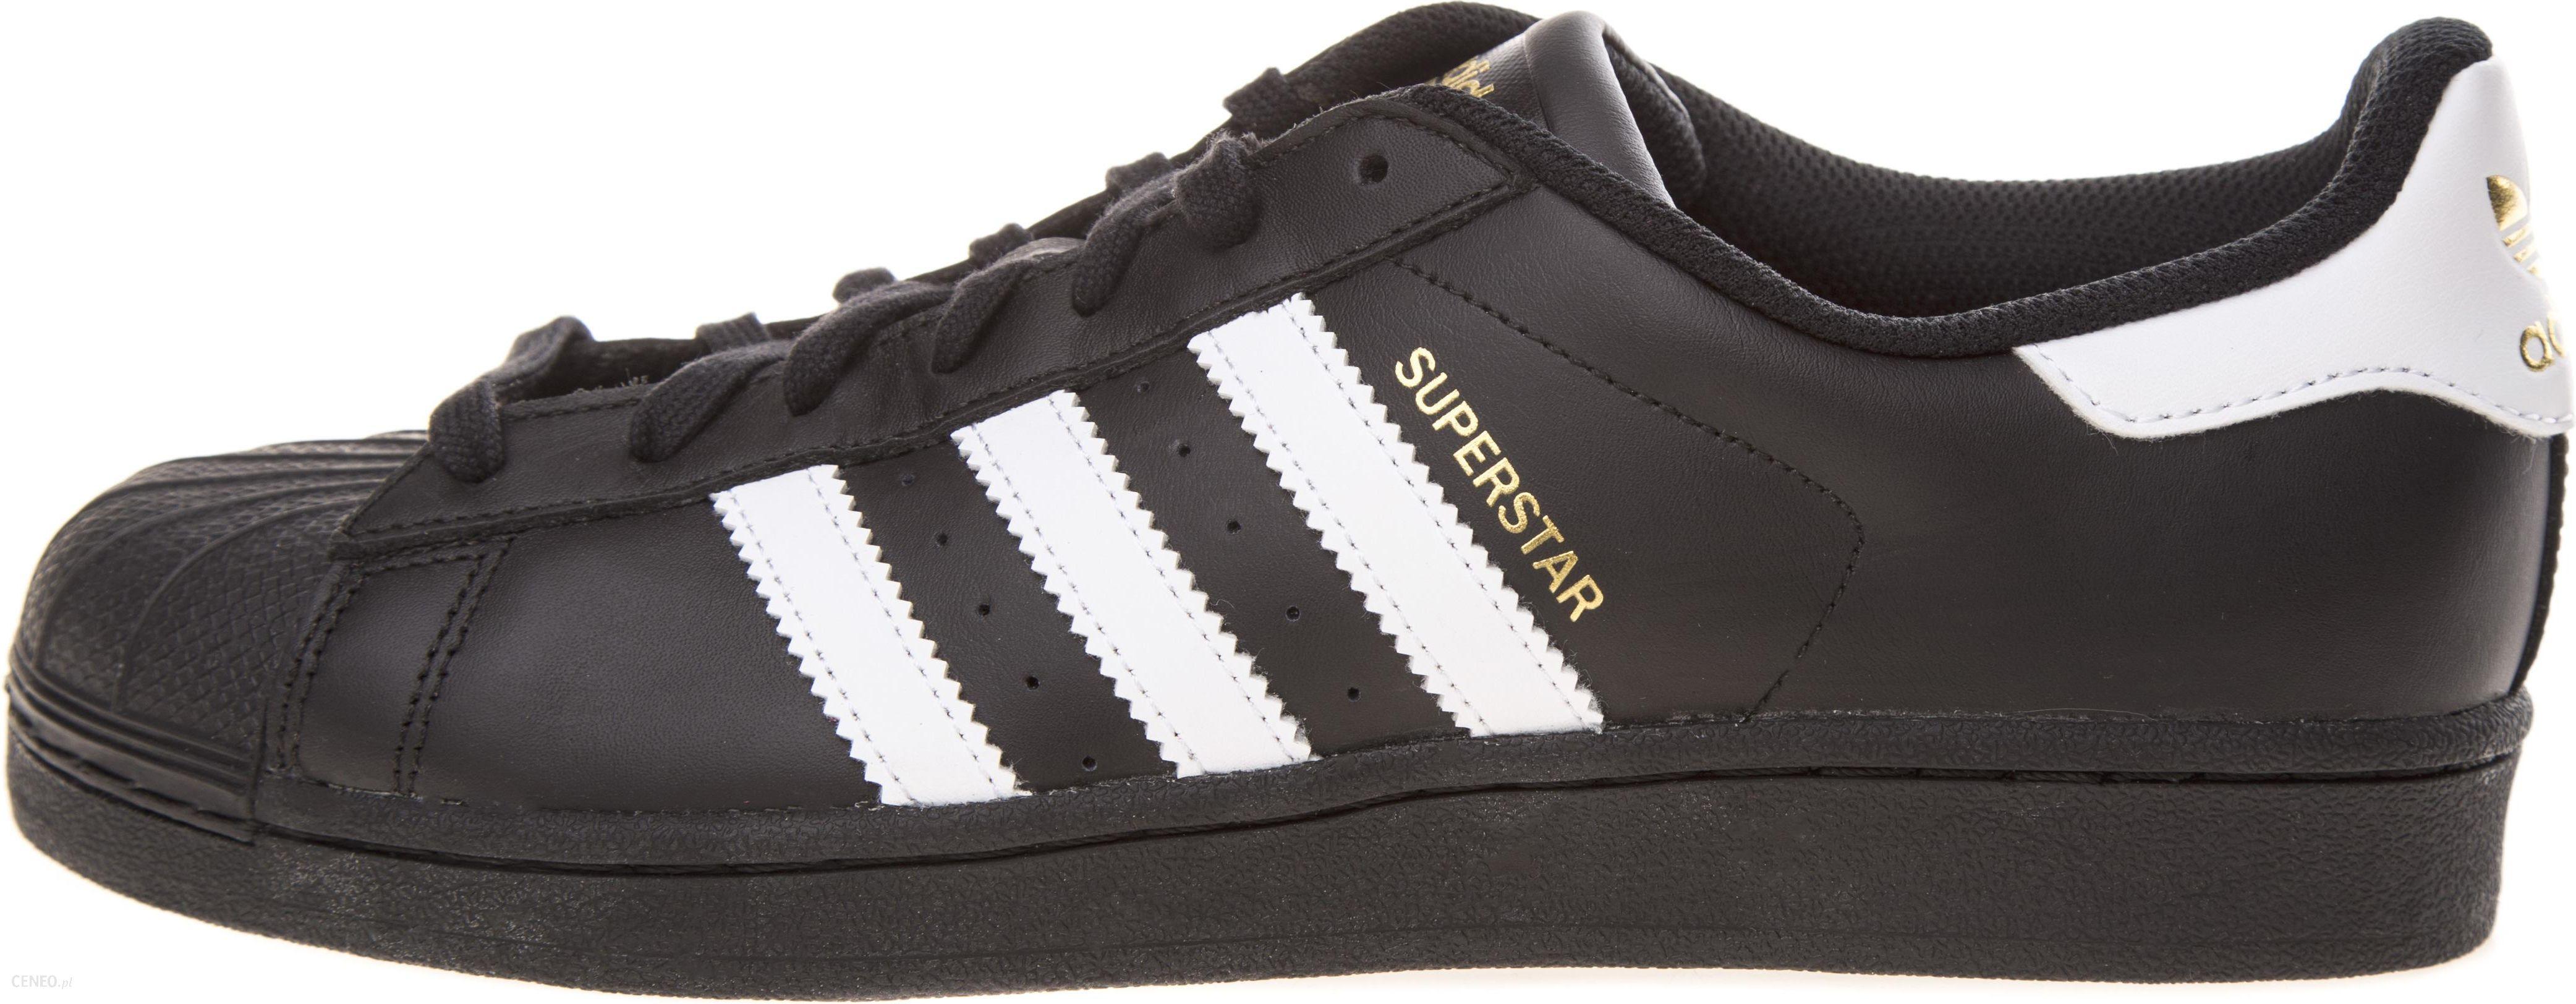 Buty męskie Adidas Superstar Foundation B27140 Ceny i opinie Ceneo.pl